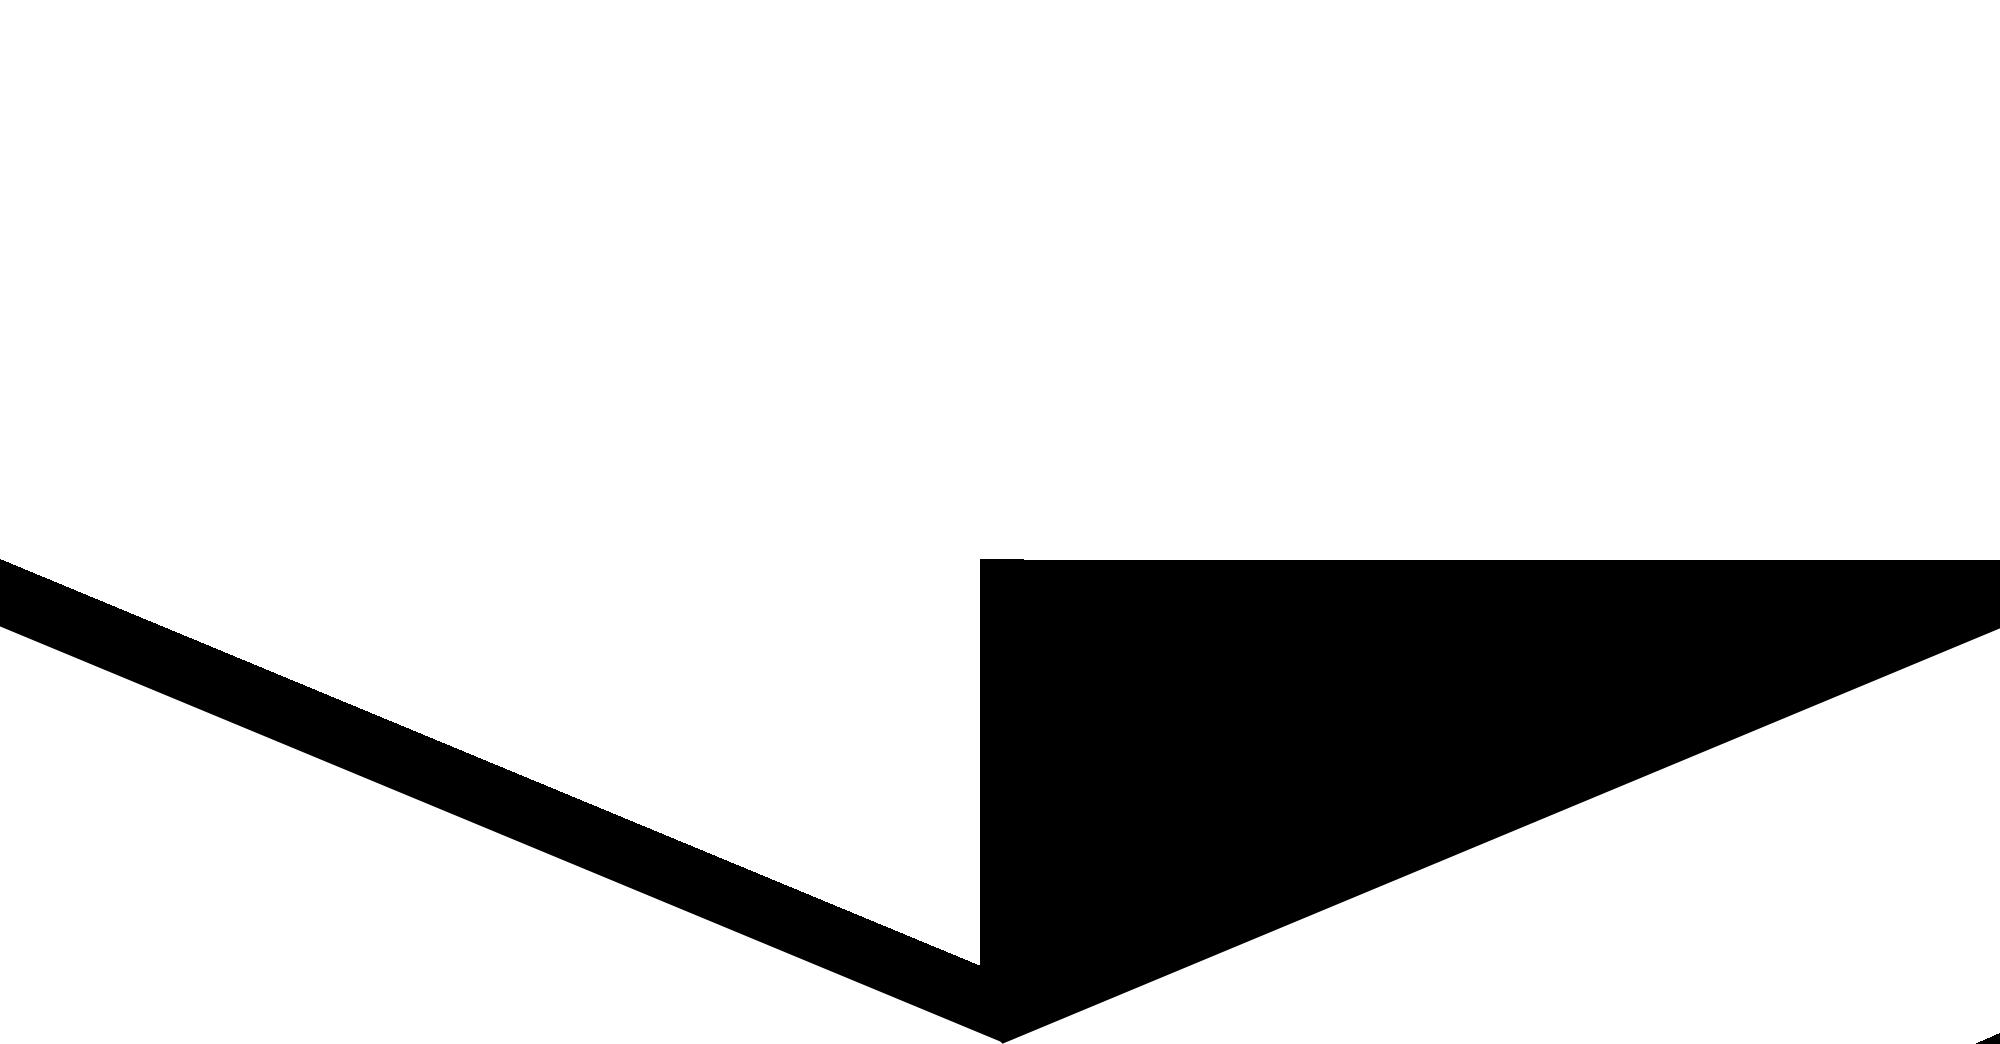 slider_overlay